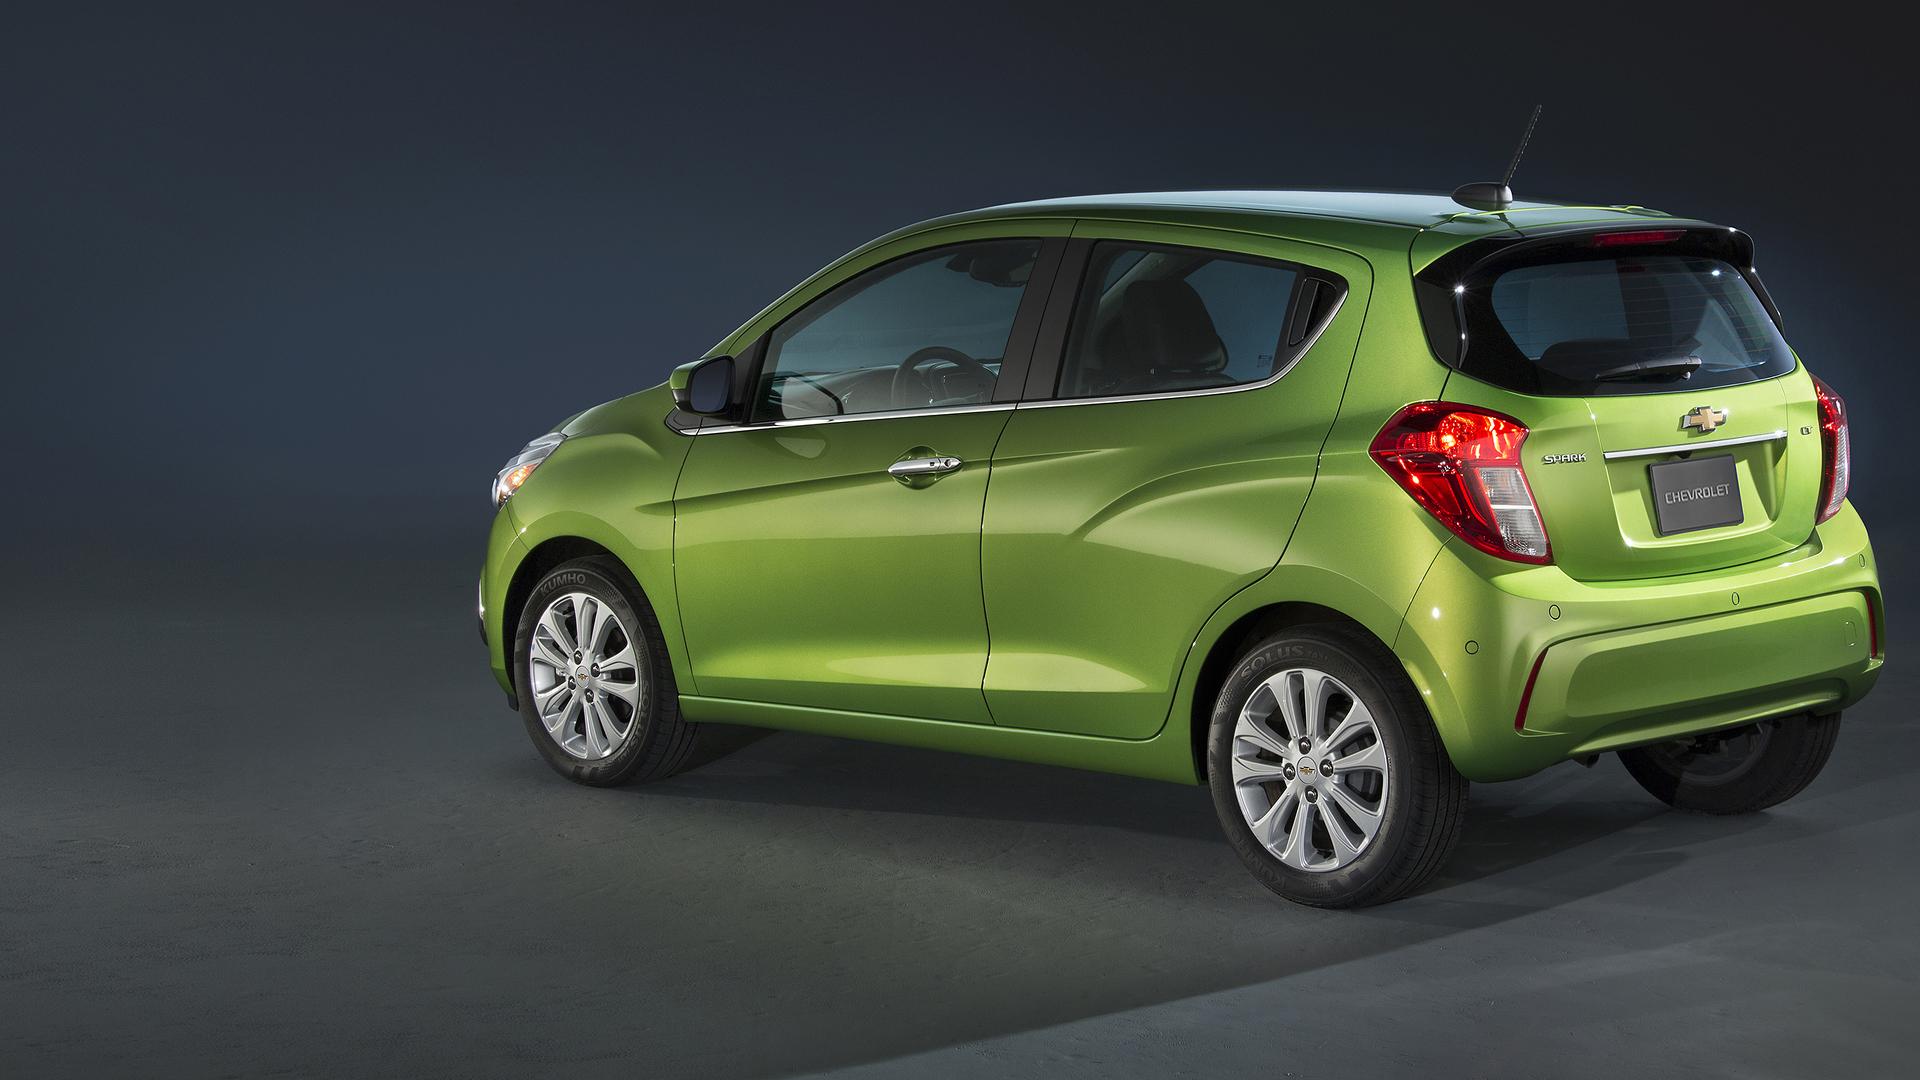 Chevrolet Spark News And Reviews Motor1 Com